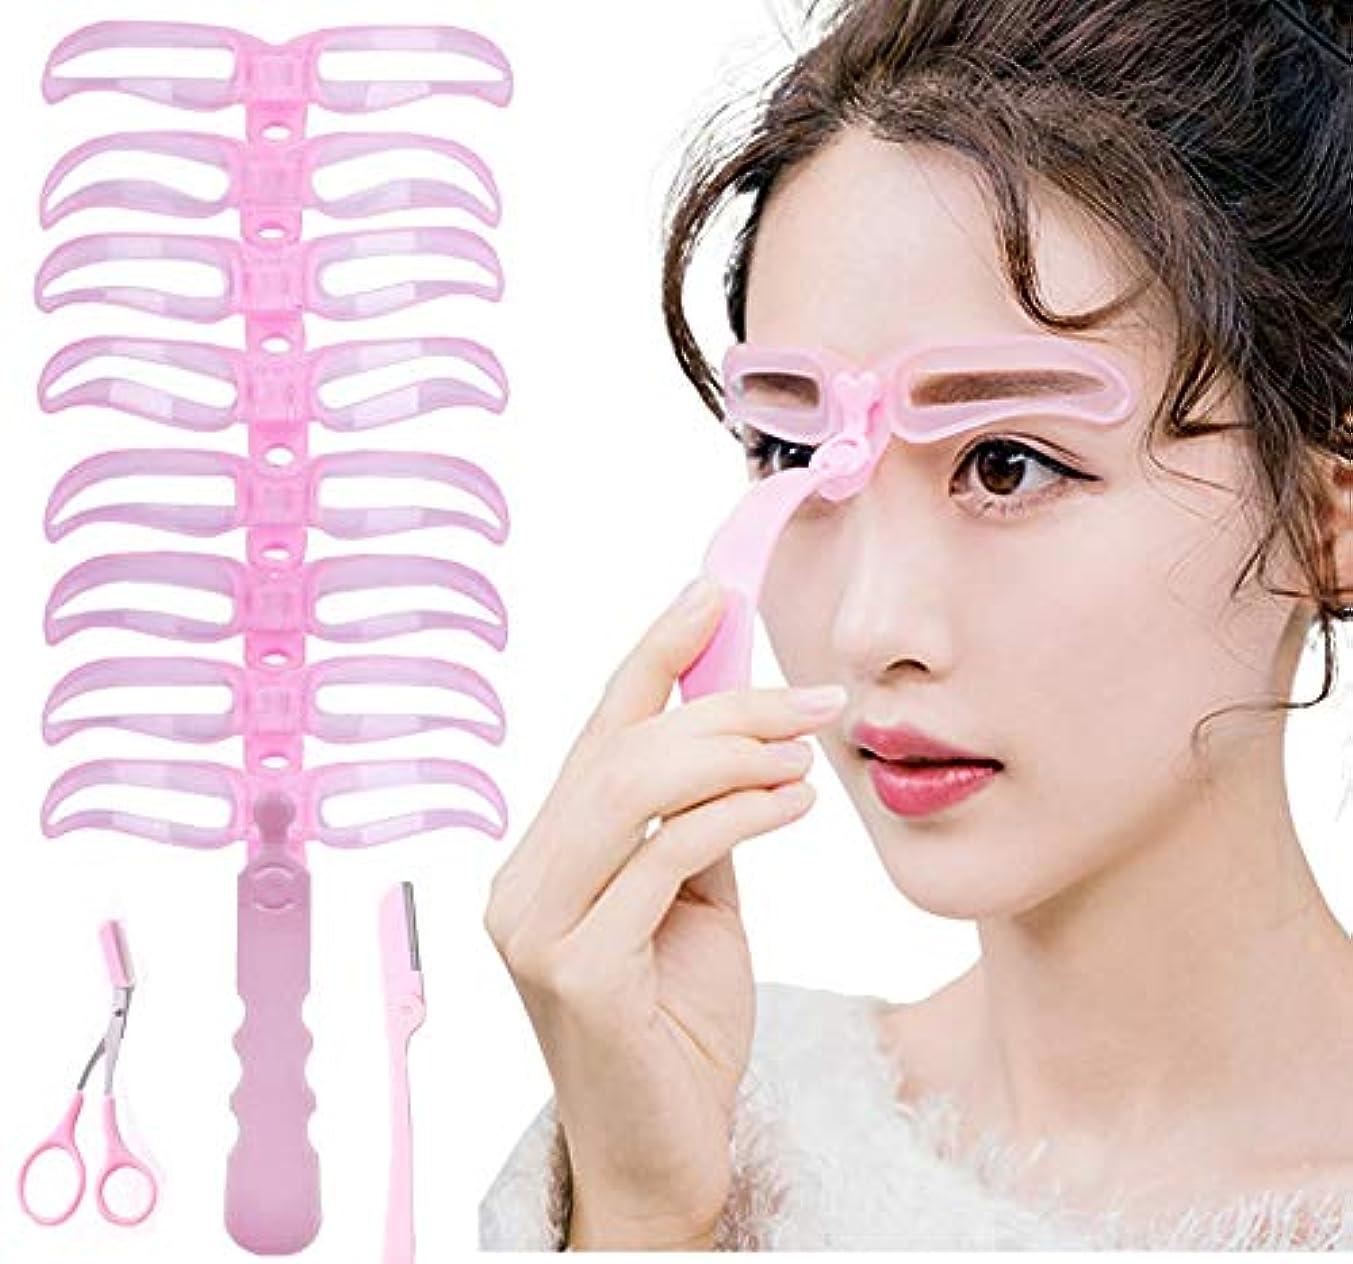 収入宣伝アジテーションMaveni(マヴェニ) 手持ちの眉毛のテンプレート 8種類の眉毛スタイル [あなたの専属美容師] (眉毛ナイフ + 眉毛はさみ)